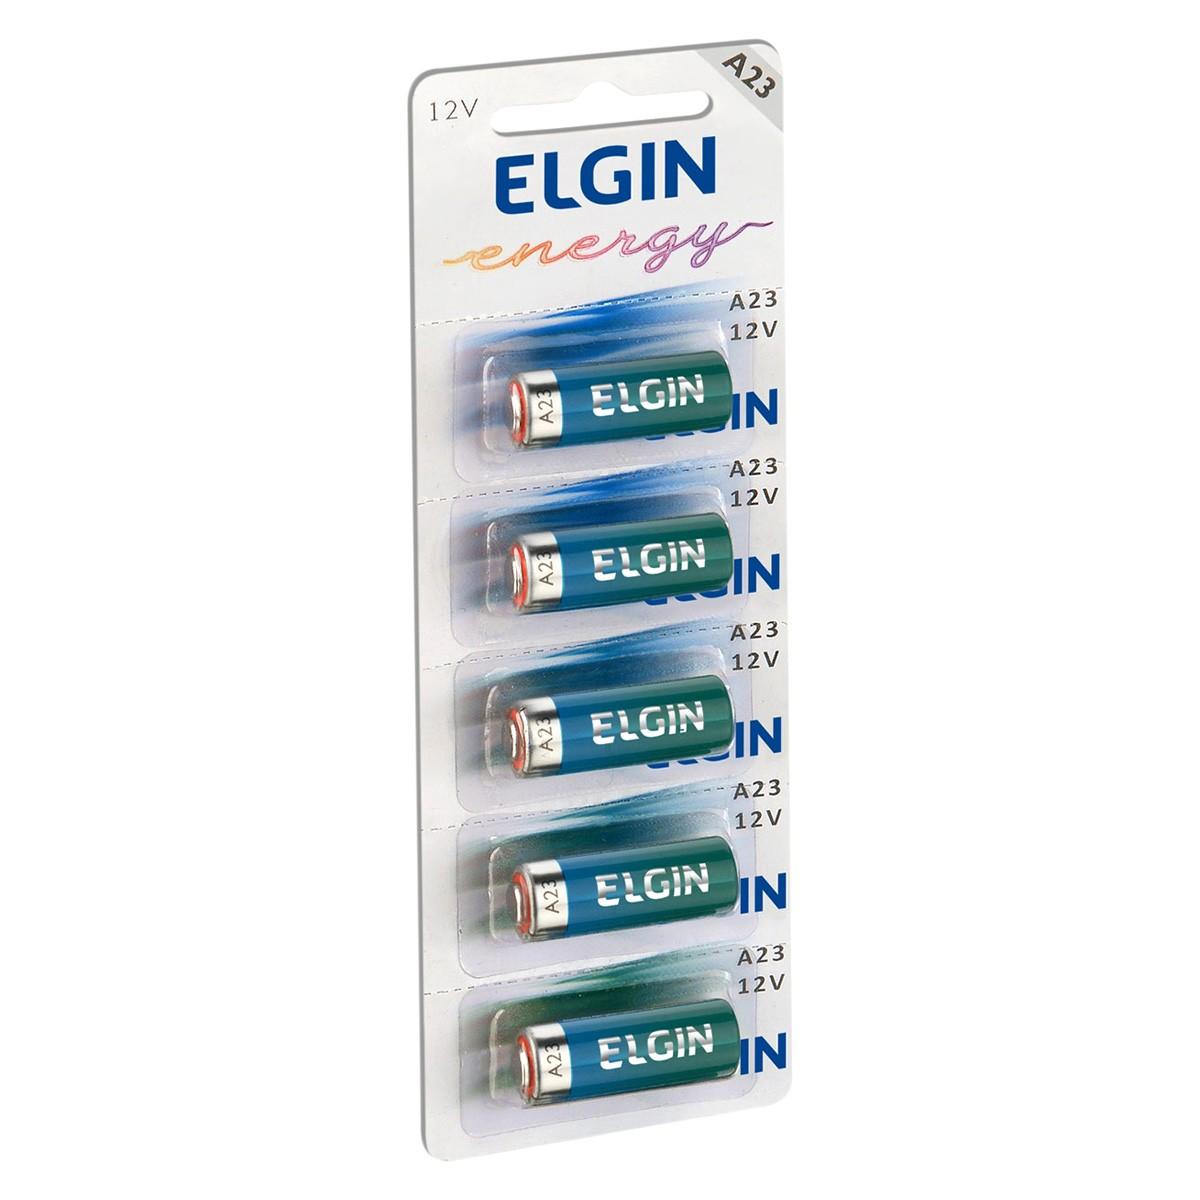 100 Pilhas Baterias ELGIN 23A 12V A23 Alcalina 20 cartelas